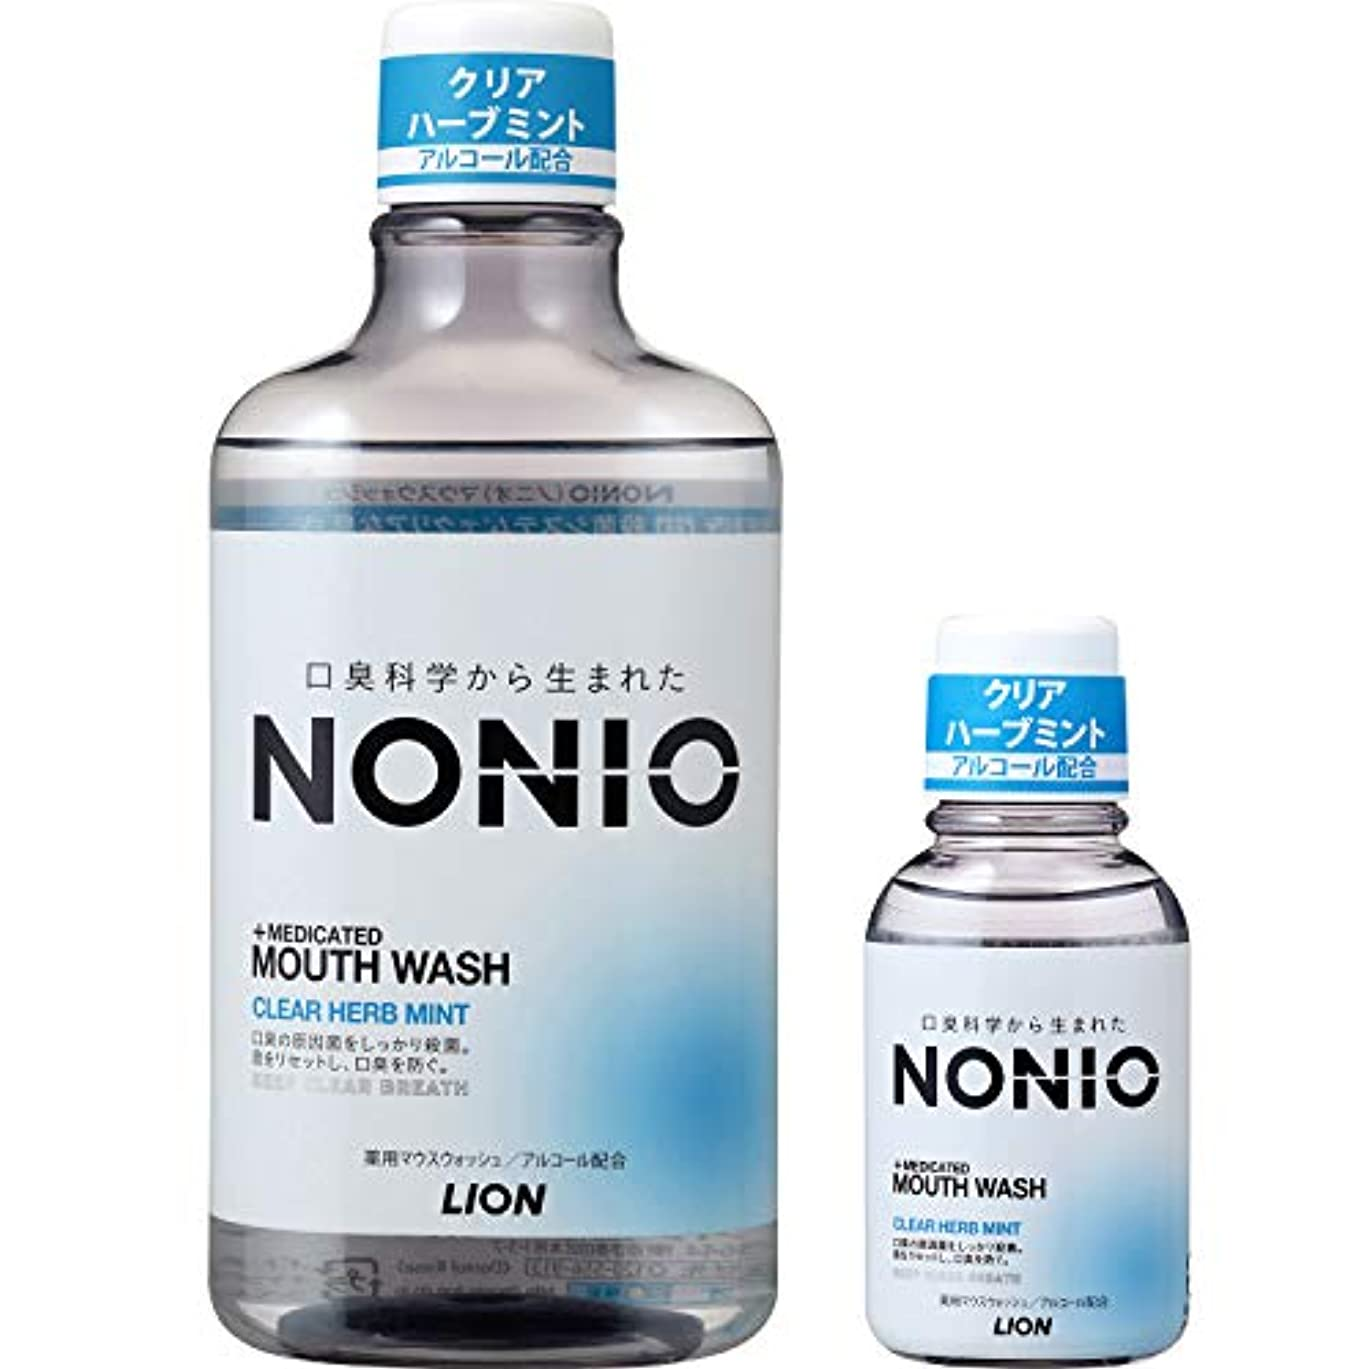 姿勢辛いくそー[医薬部外品]NONIO マウスウォッシュ クリアハーブミント 600ml 洗口液+ミニリンス80ml